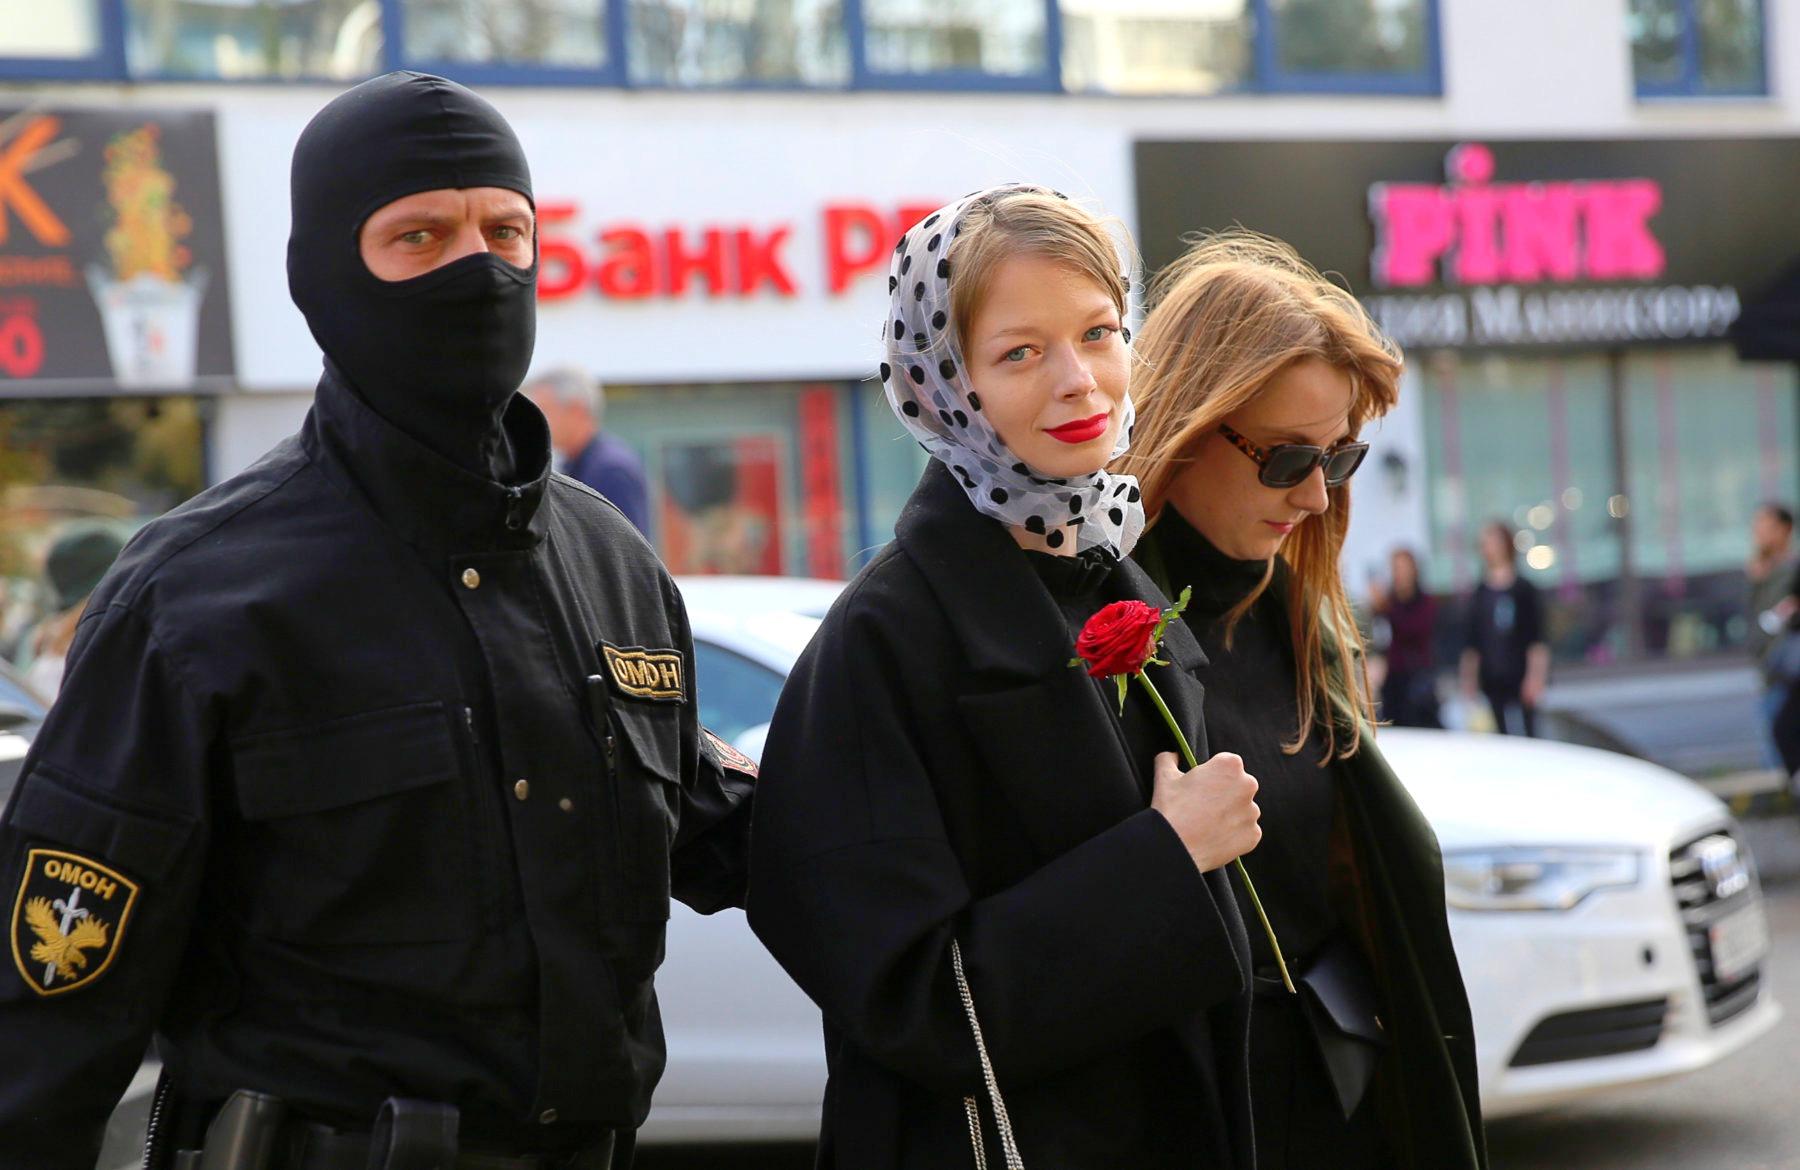 Определен самый опасный сценарий белорусских протестов для России